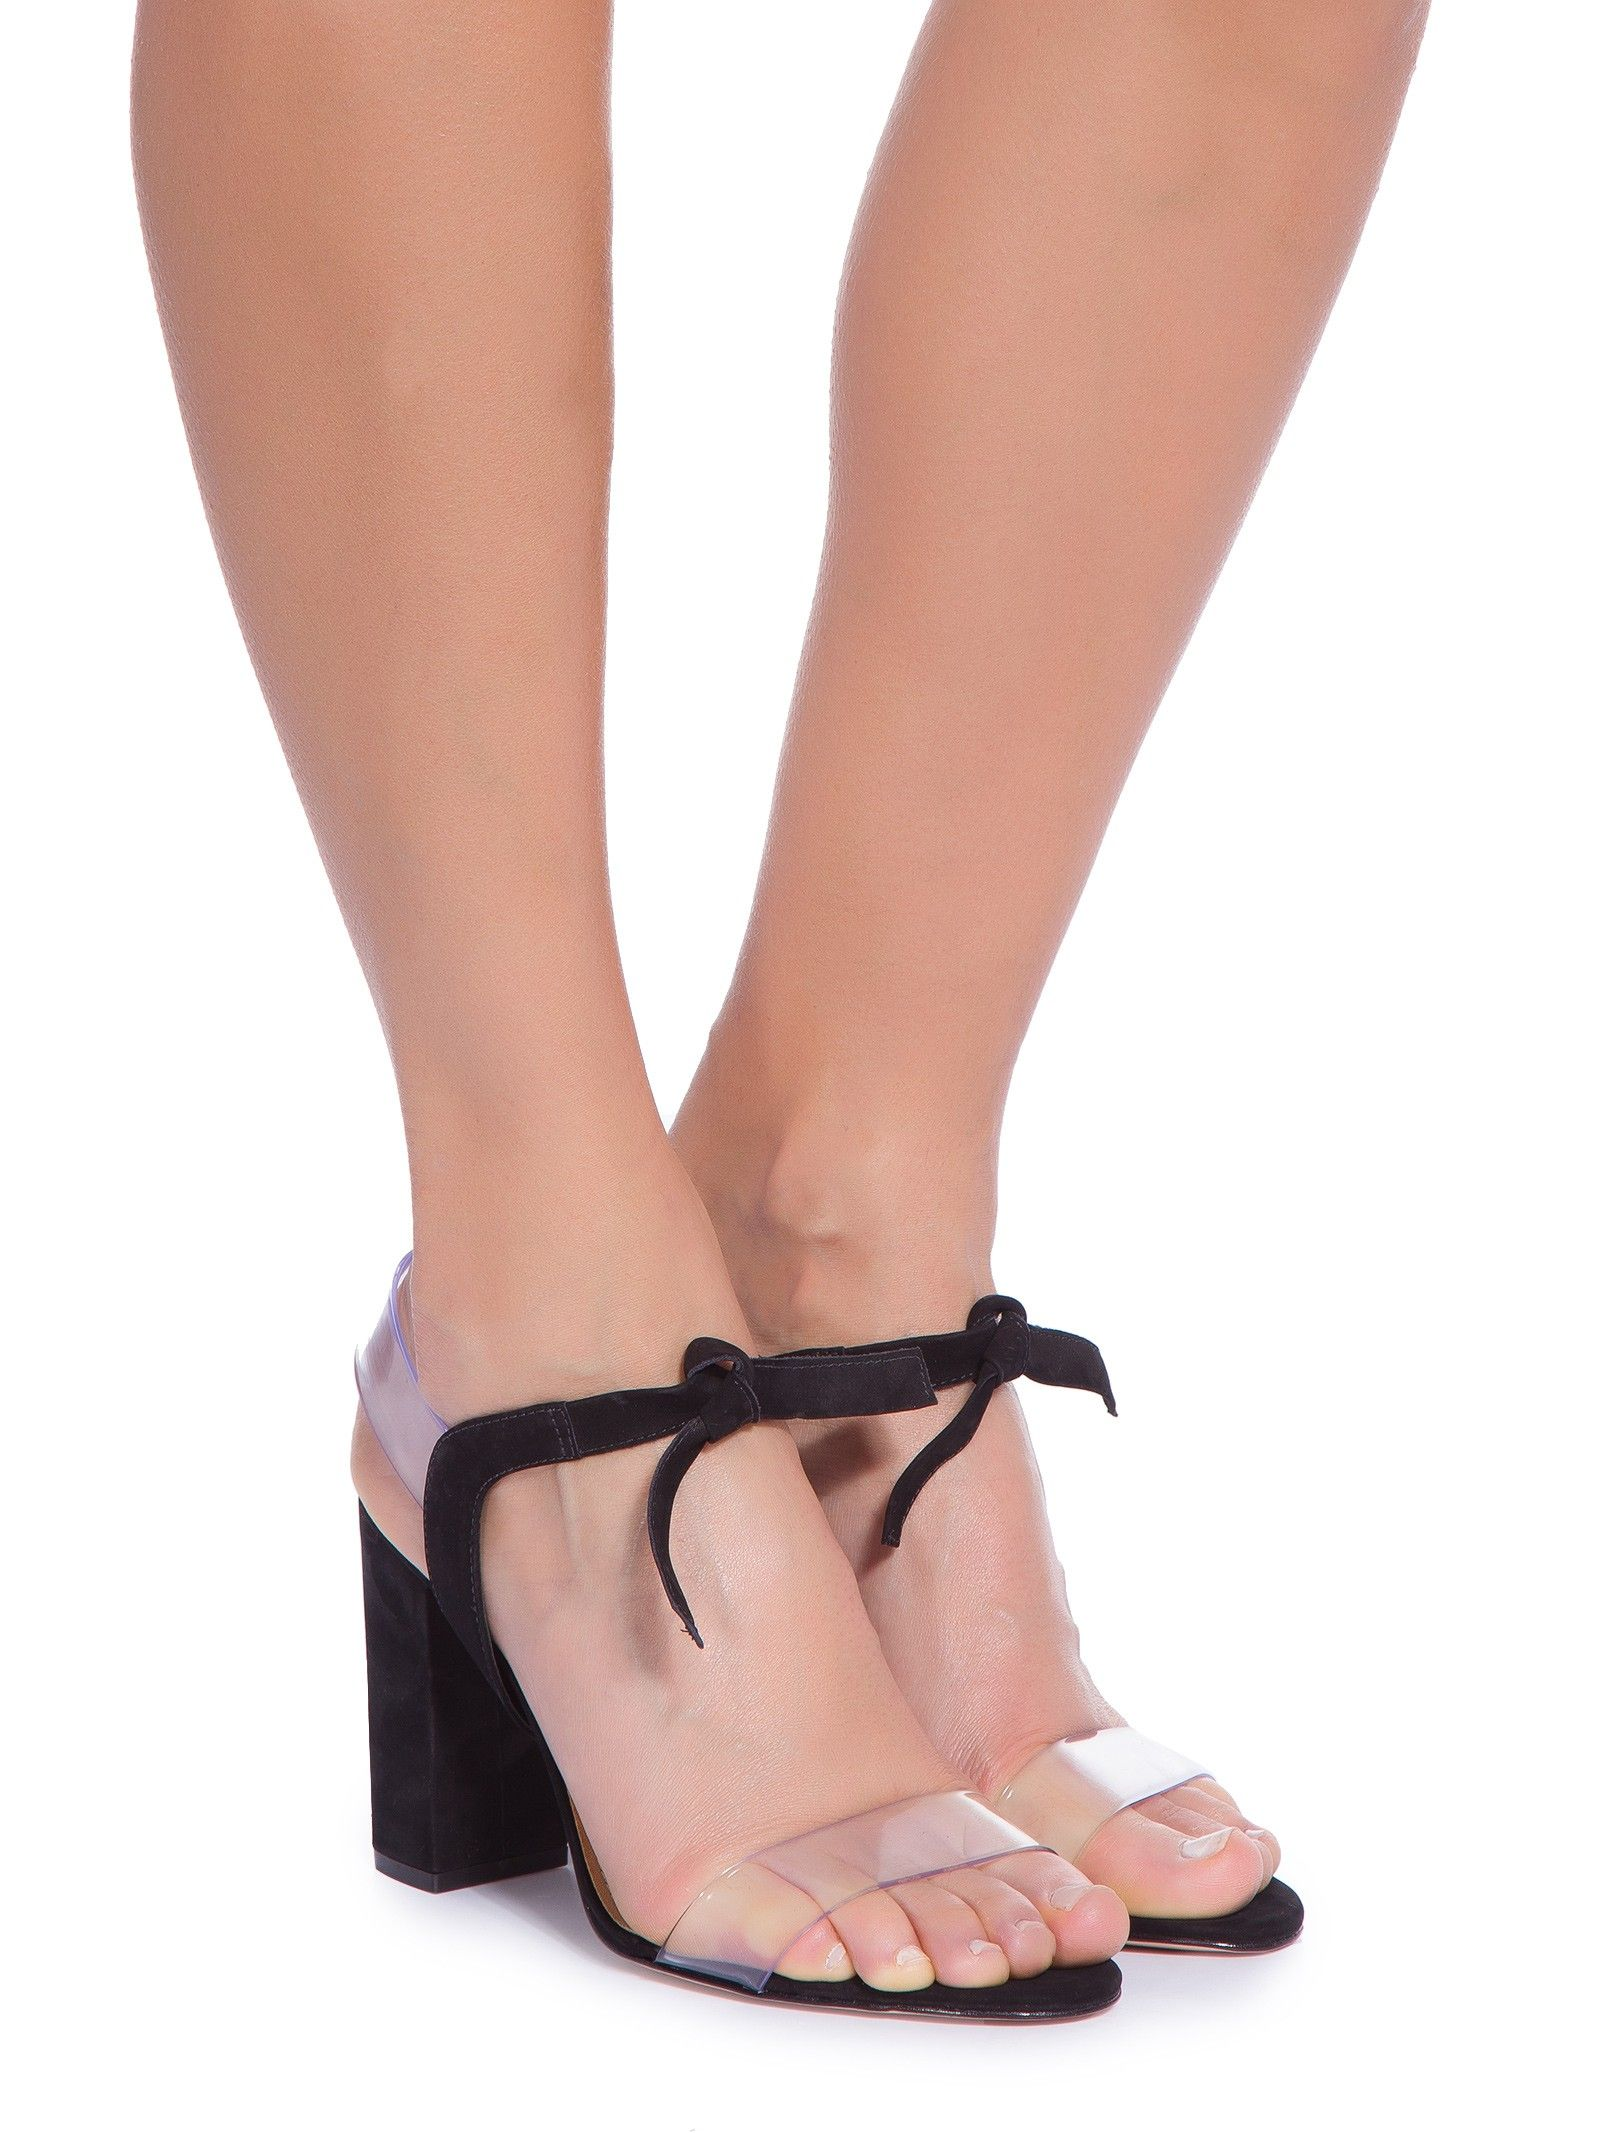 b9e769428 Sandália Feminina Vinil Salto Bloco, Vicenza. A sandália preta é produzida  em nobuck com